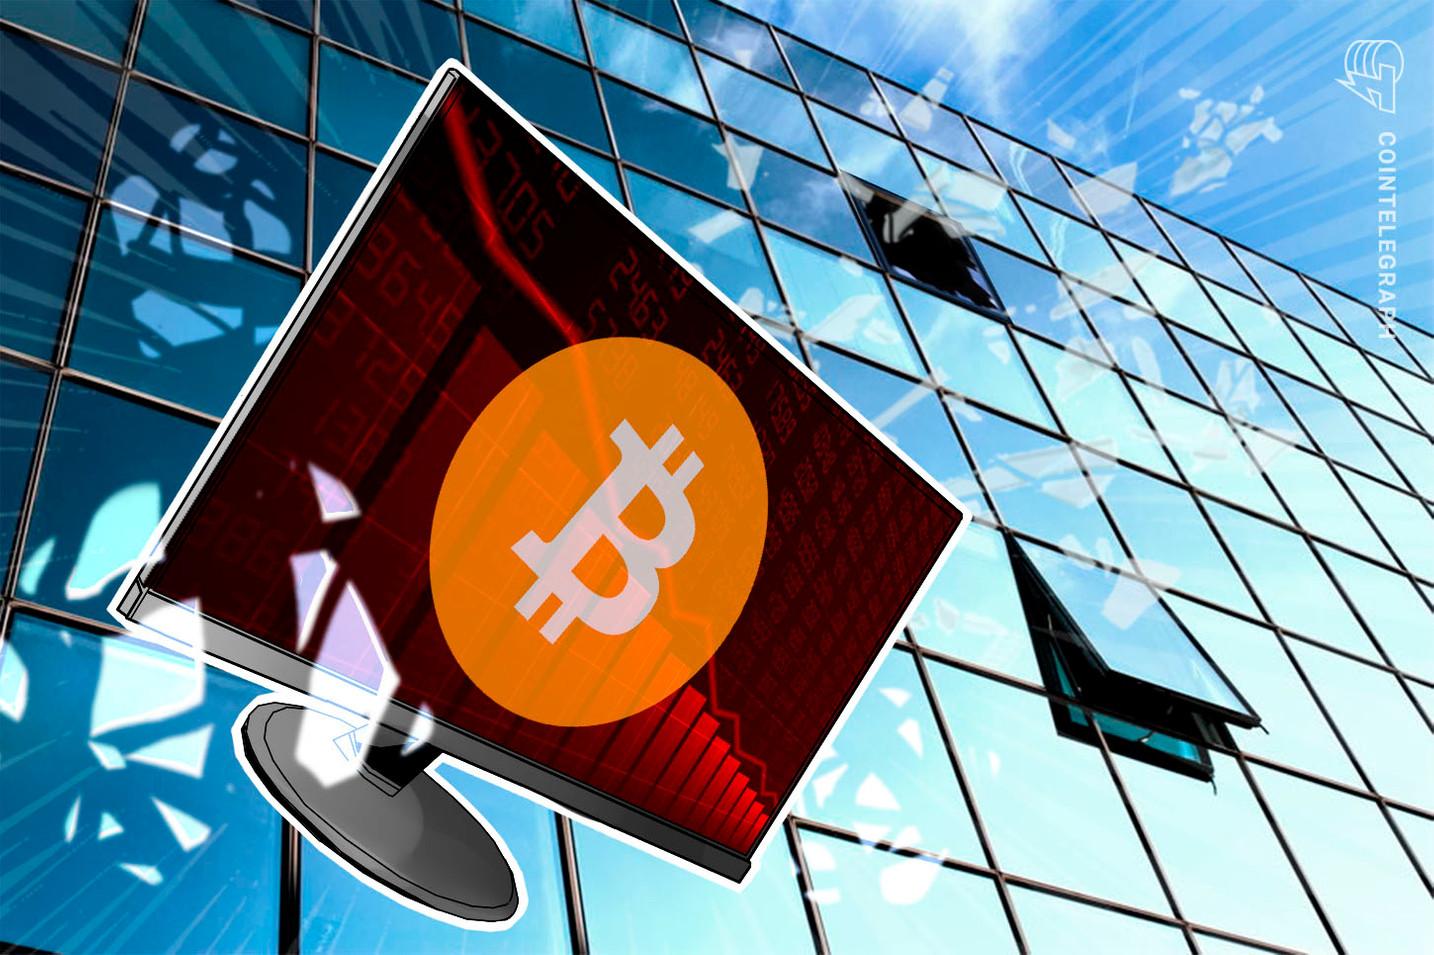 El precio de Bitcoin ahora debe mantener este nivel clave para recuperar el nivel de 40,000 dólares